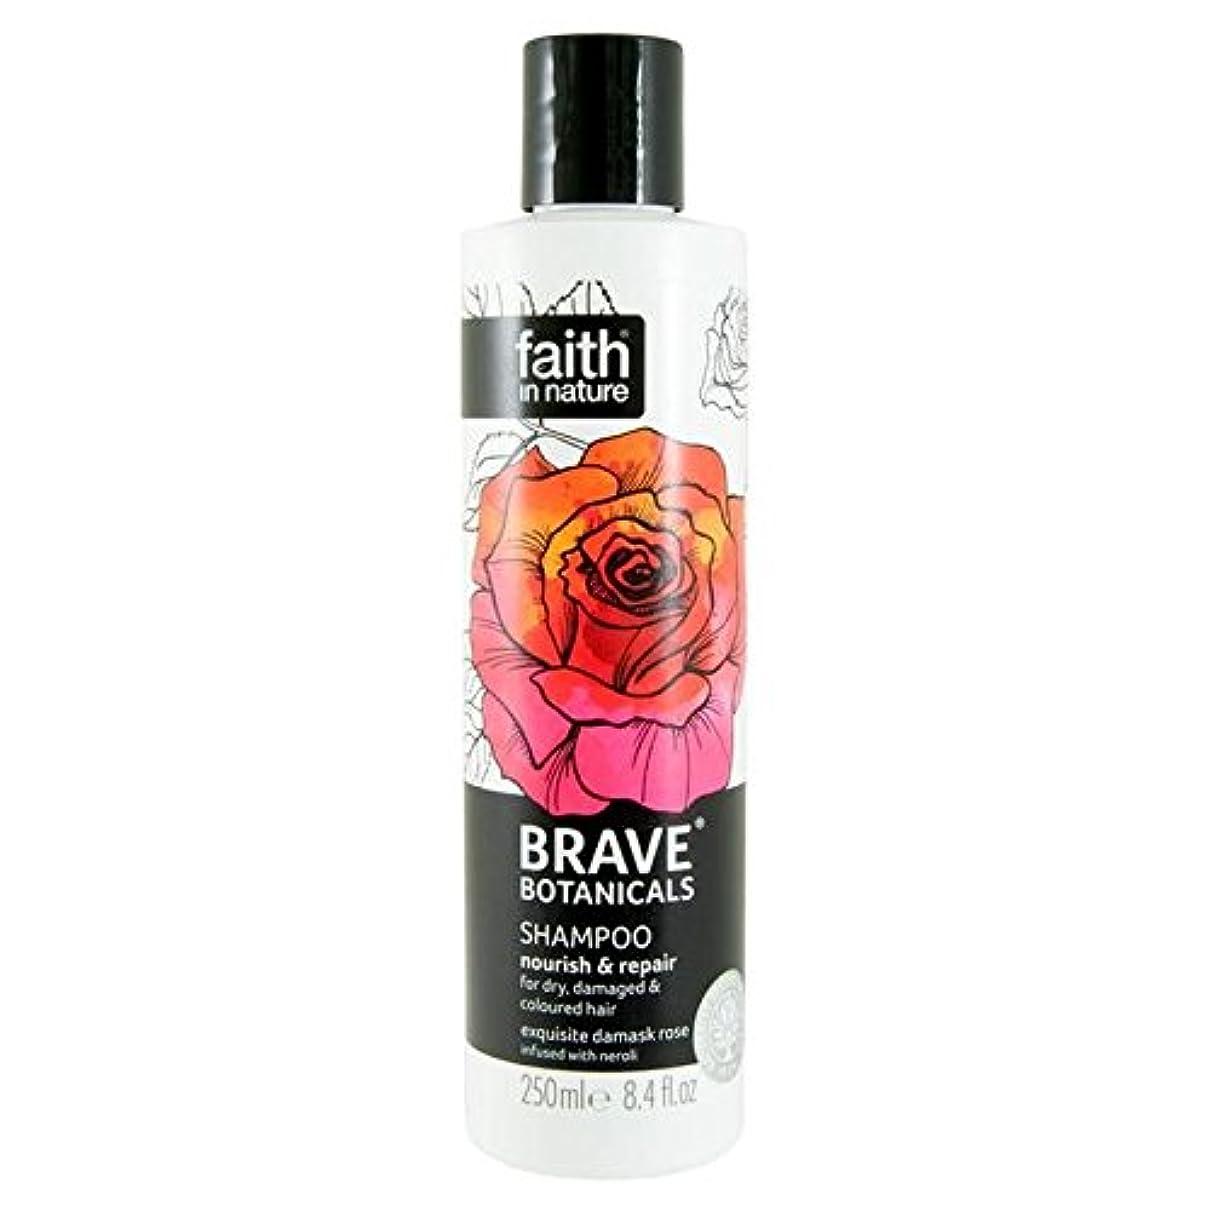 適応的稼ぐ知事Brave Botanicals Rose & Neroli Nourish & Repair Shampoo 250ml (Pack of 2) - (Faith In Nature) 勇敢な植物は、ローズ&ネロリは養う&リペアシャンプー250Ml (x2) [並行輸入品]